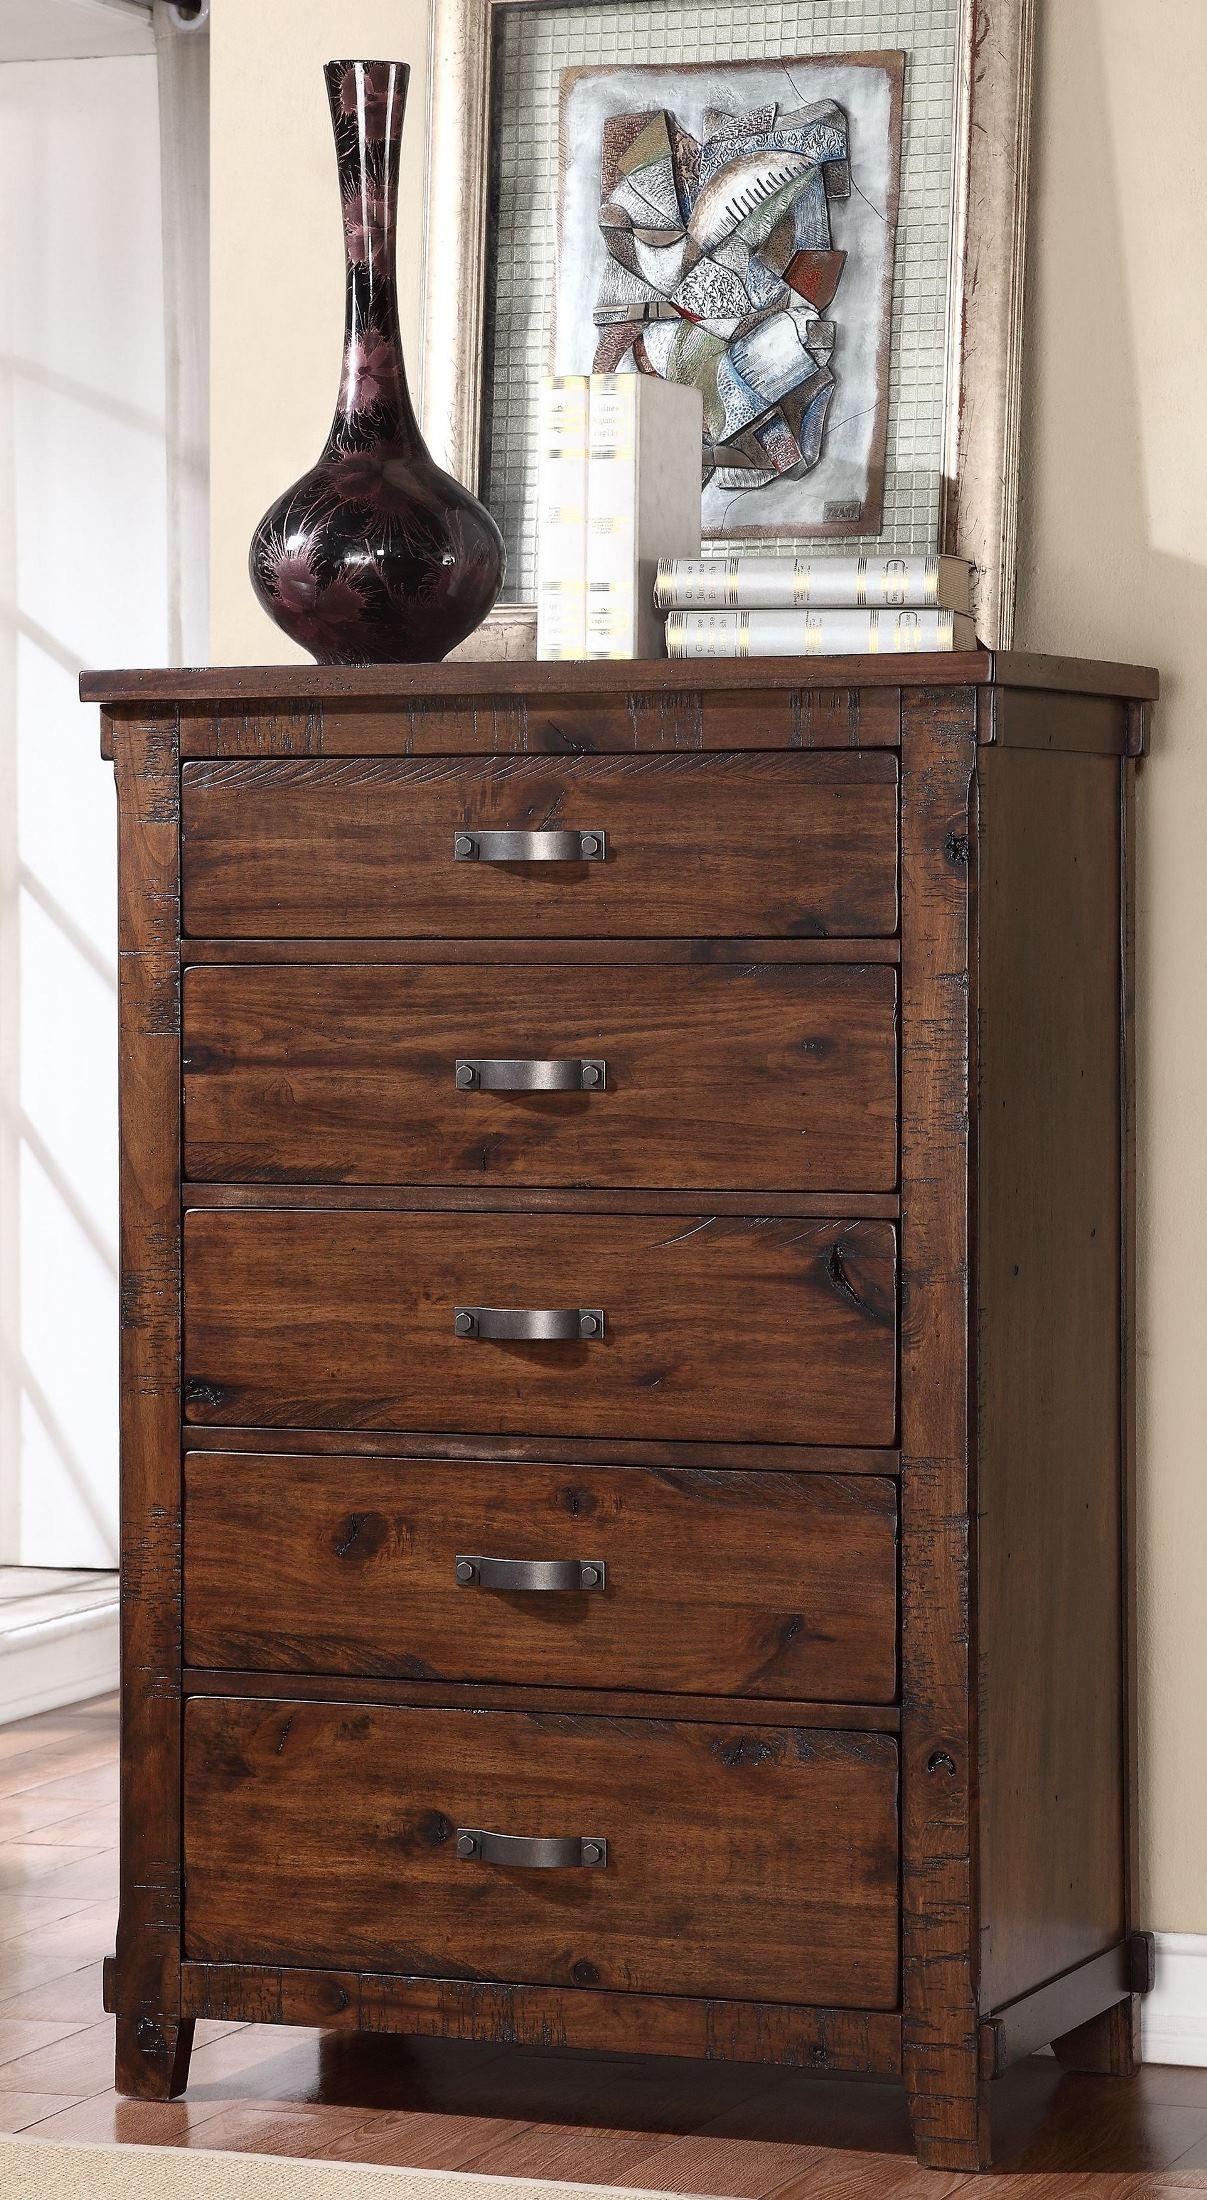 restoration rustic walnut platform storage bedroom set from legends zrst 7001 7007 7008. Black Bedroom Furniture Sets. Home Design Ideas